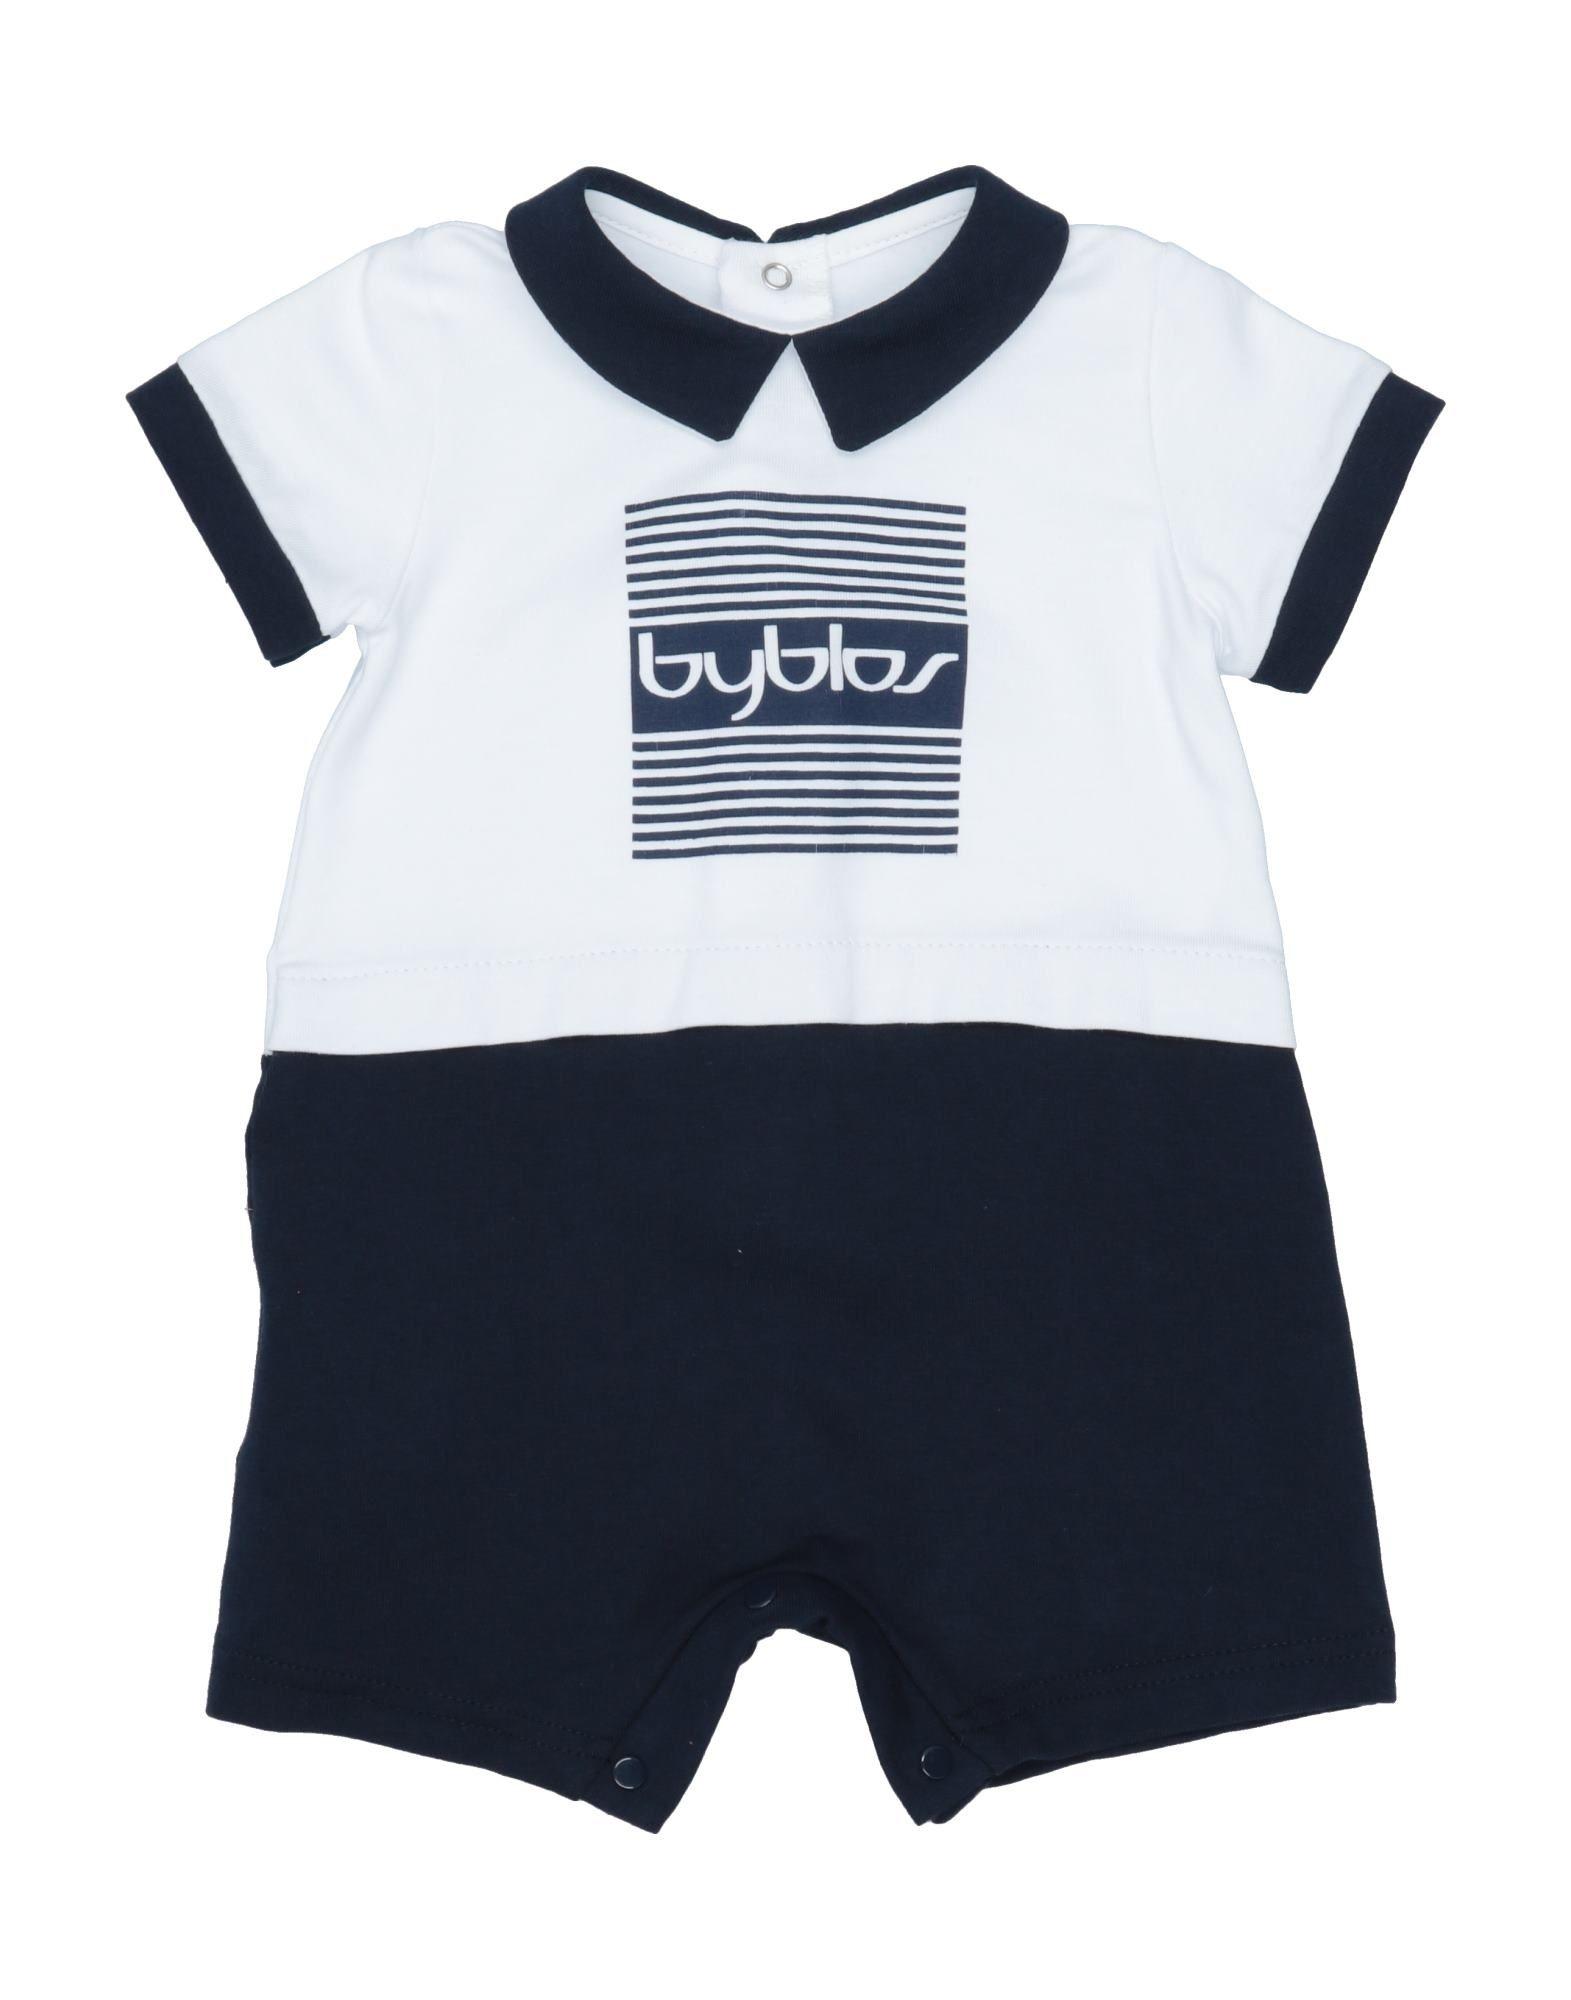 YOOX.COM(ユークス)《セール開催中》BYBLOS ボーイズ 0-24 ヶ月 乳幼児用ロンパース ダークブルー 1 コットン 90% / ポリウレタン 10%